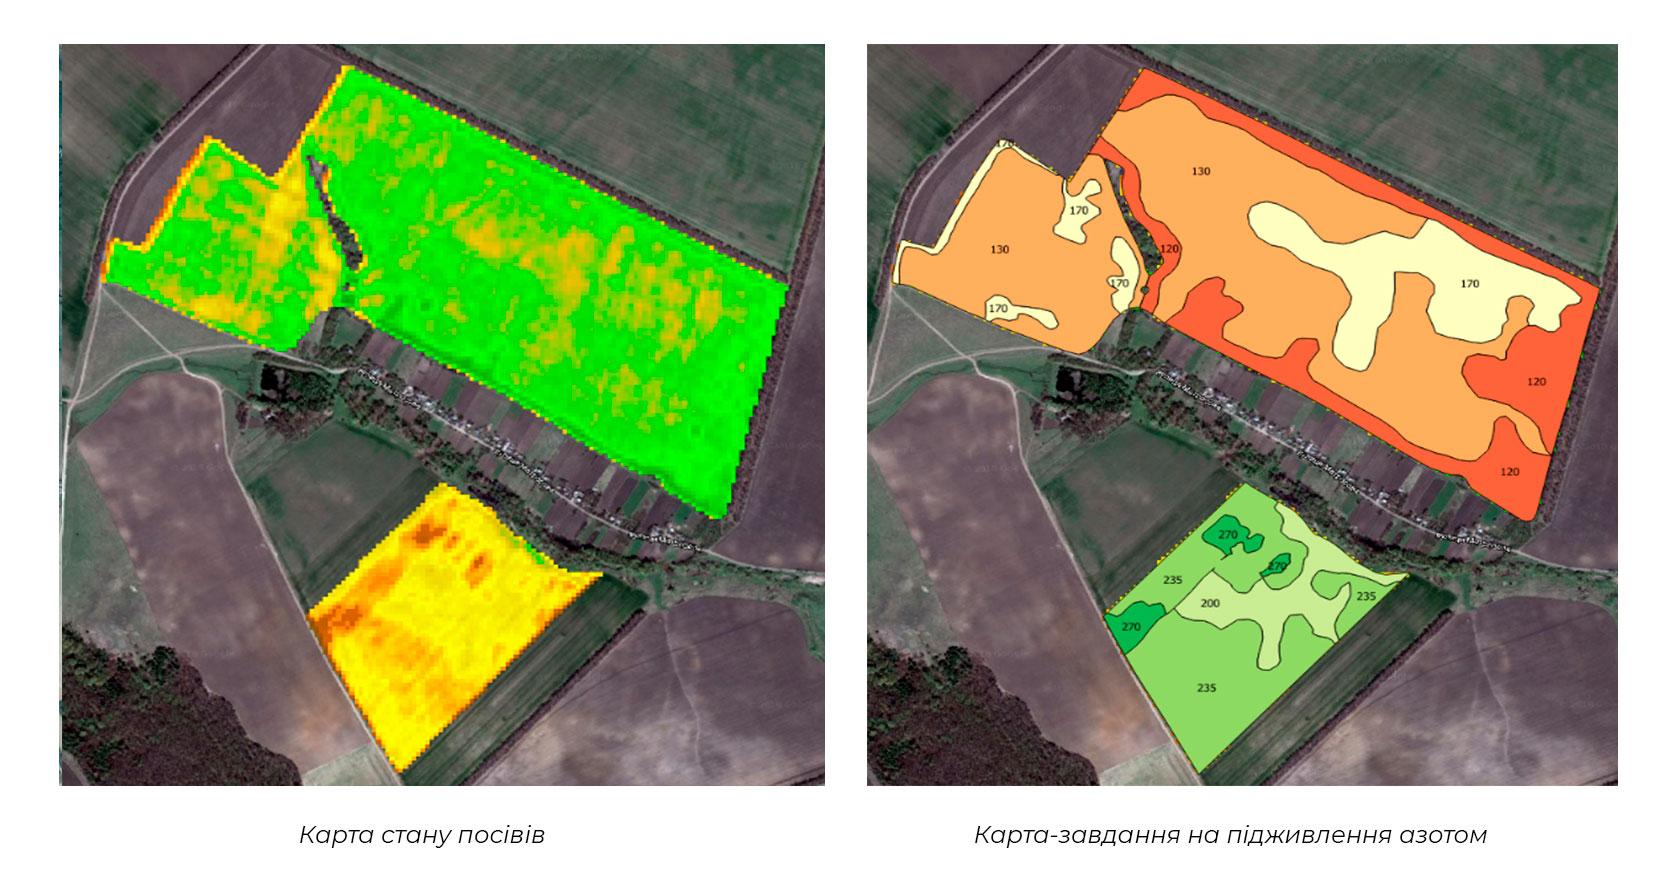 Карта-завдання на підживлення азотом